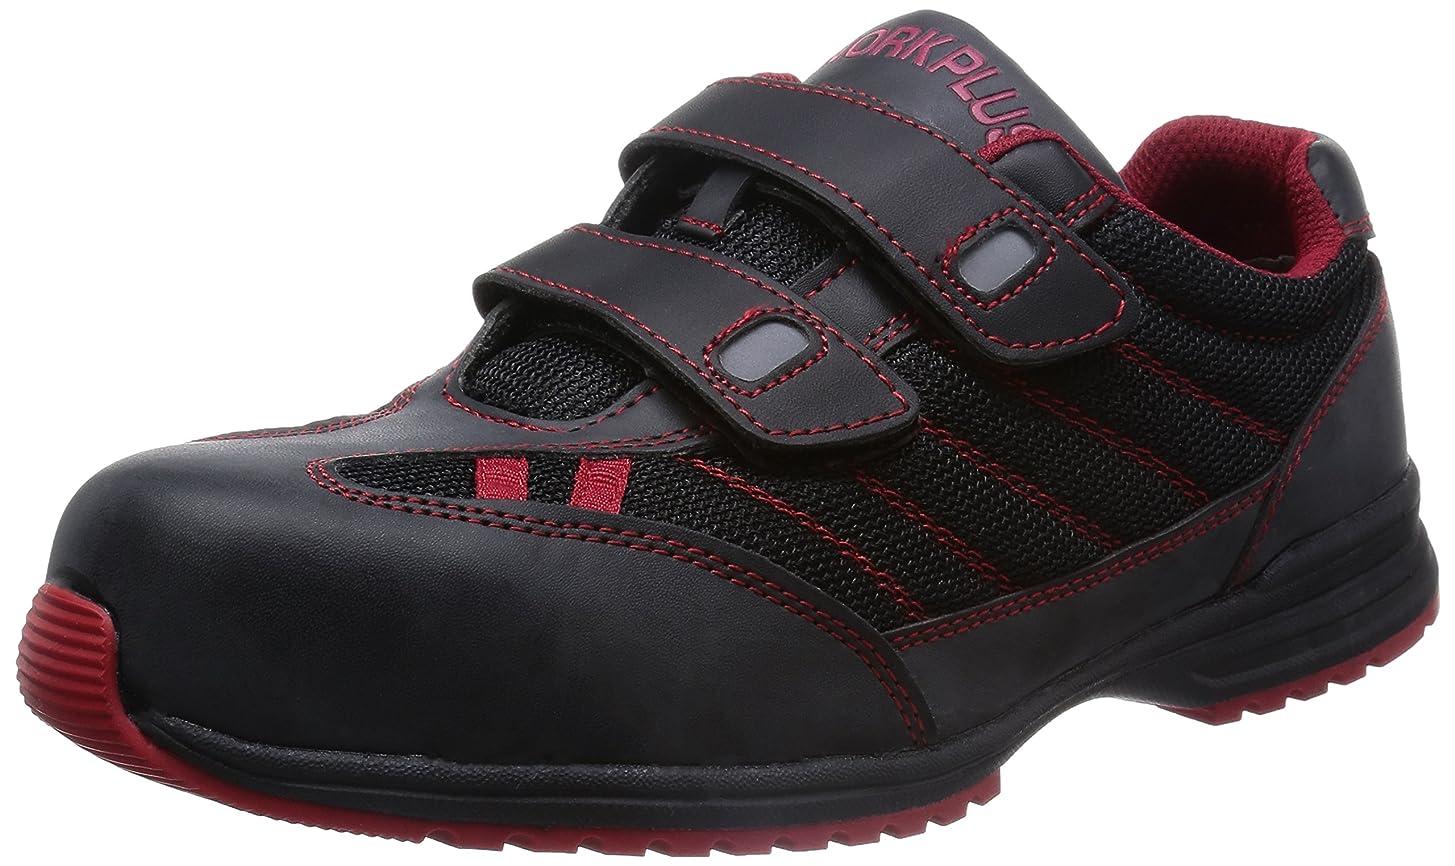 アラブ人散歩有彩色の安全作業靴 JSAA認定 耐滑 マジックタイプ プロスニーカー WPT115 メンズ